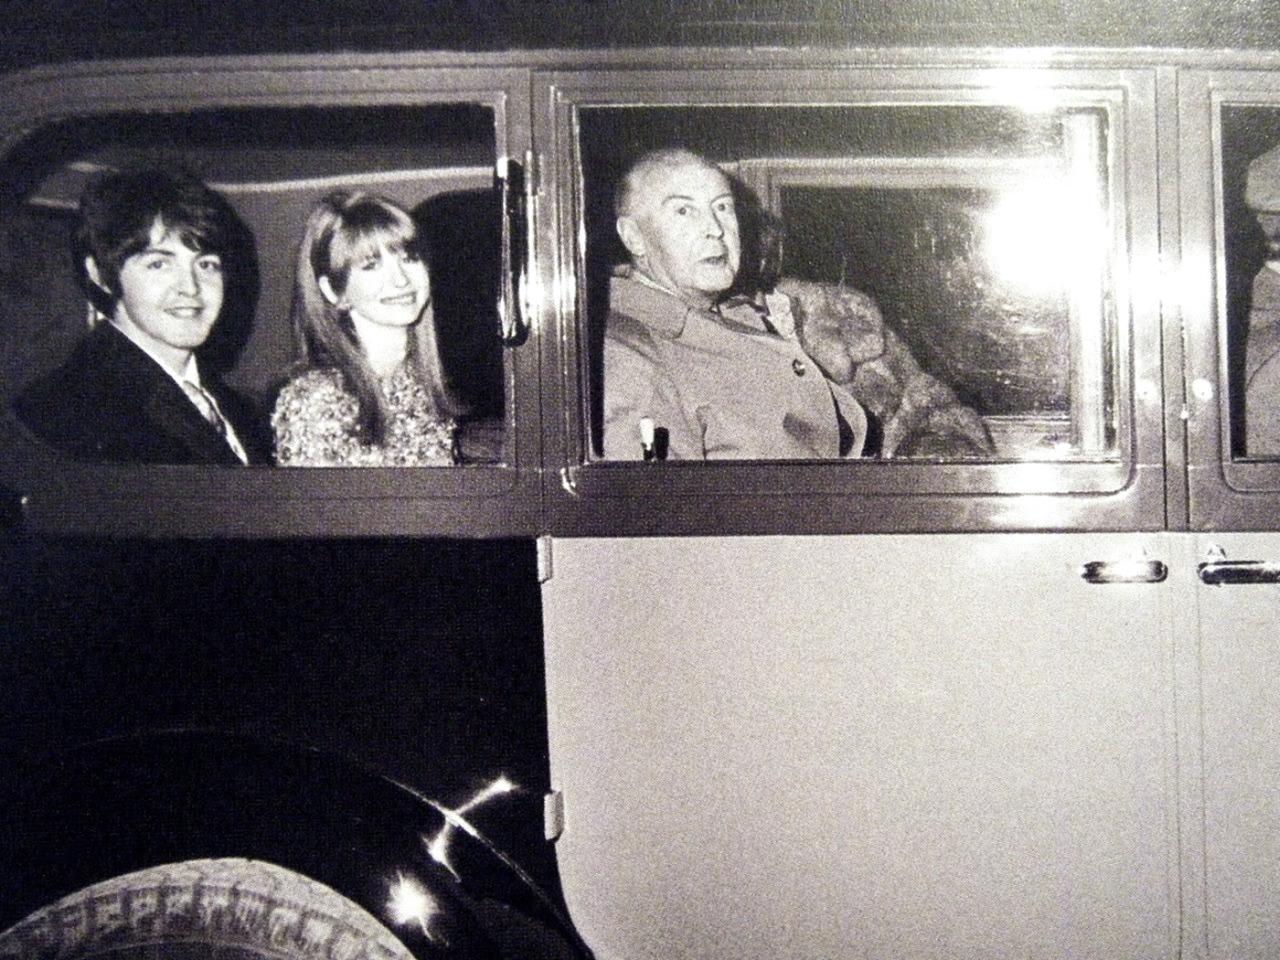 1967. Пол Маккартни и Джейн Эшер